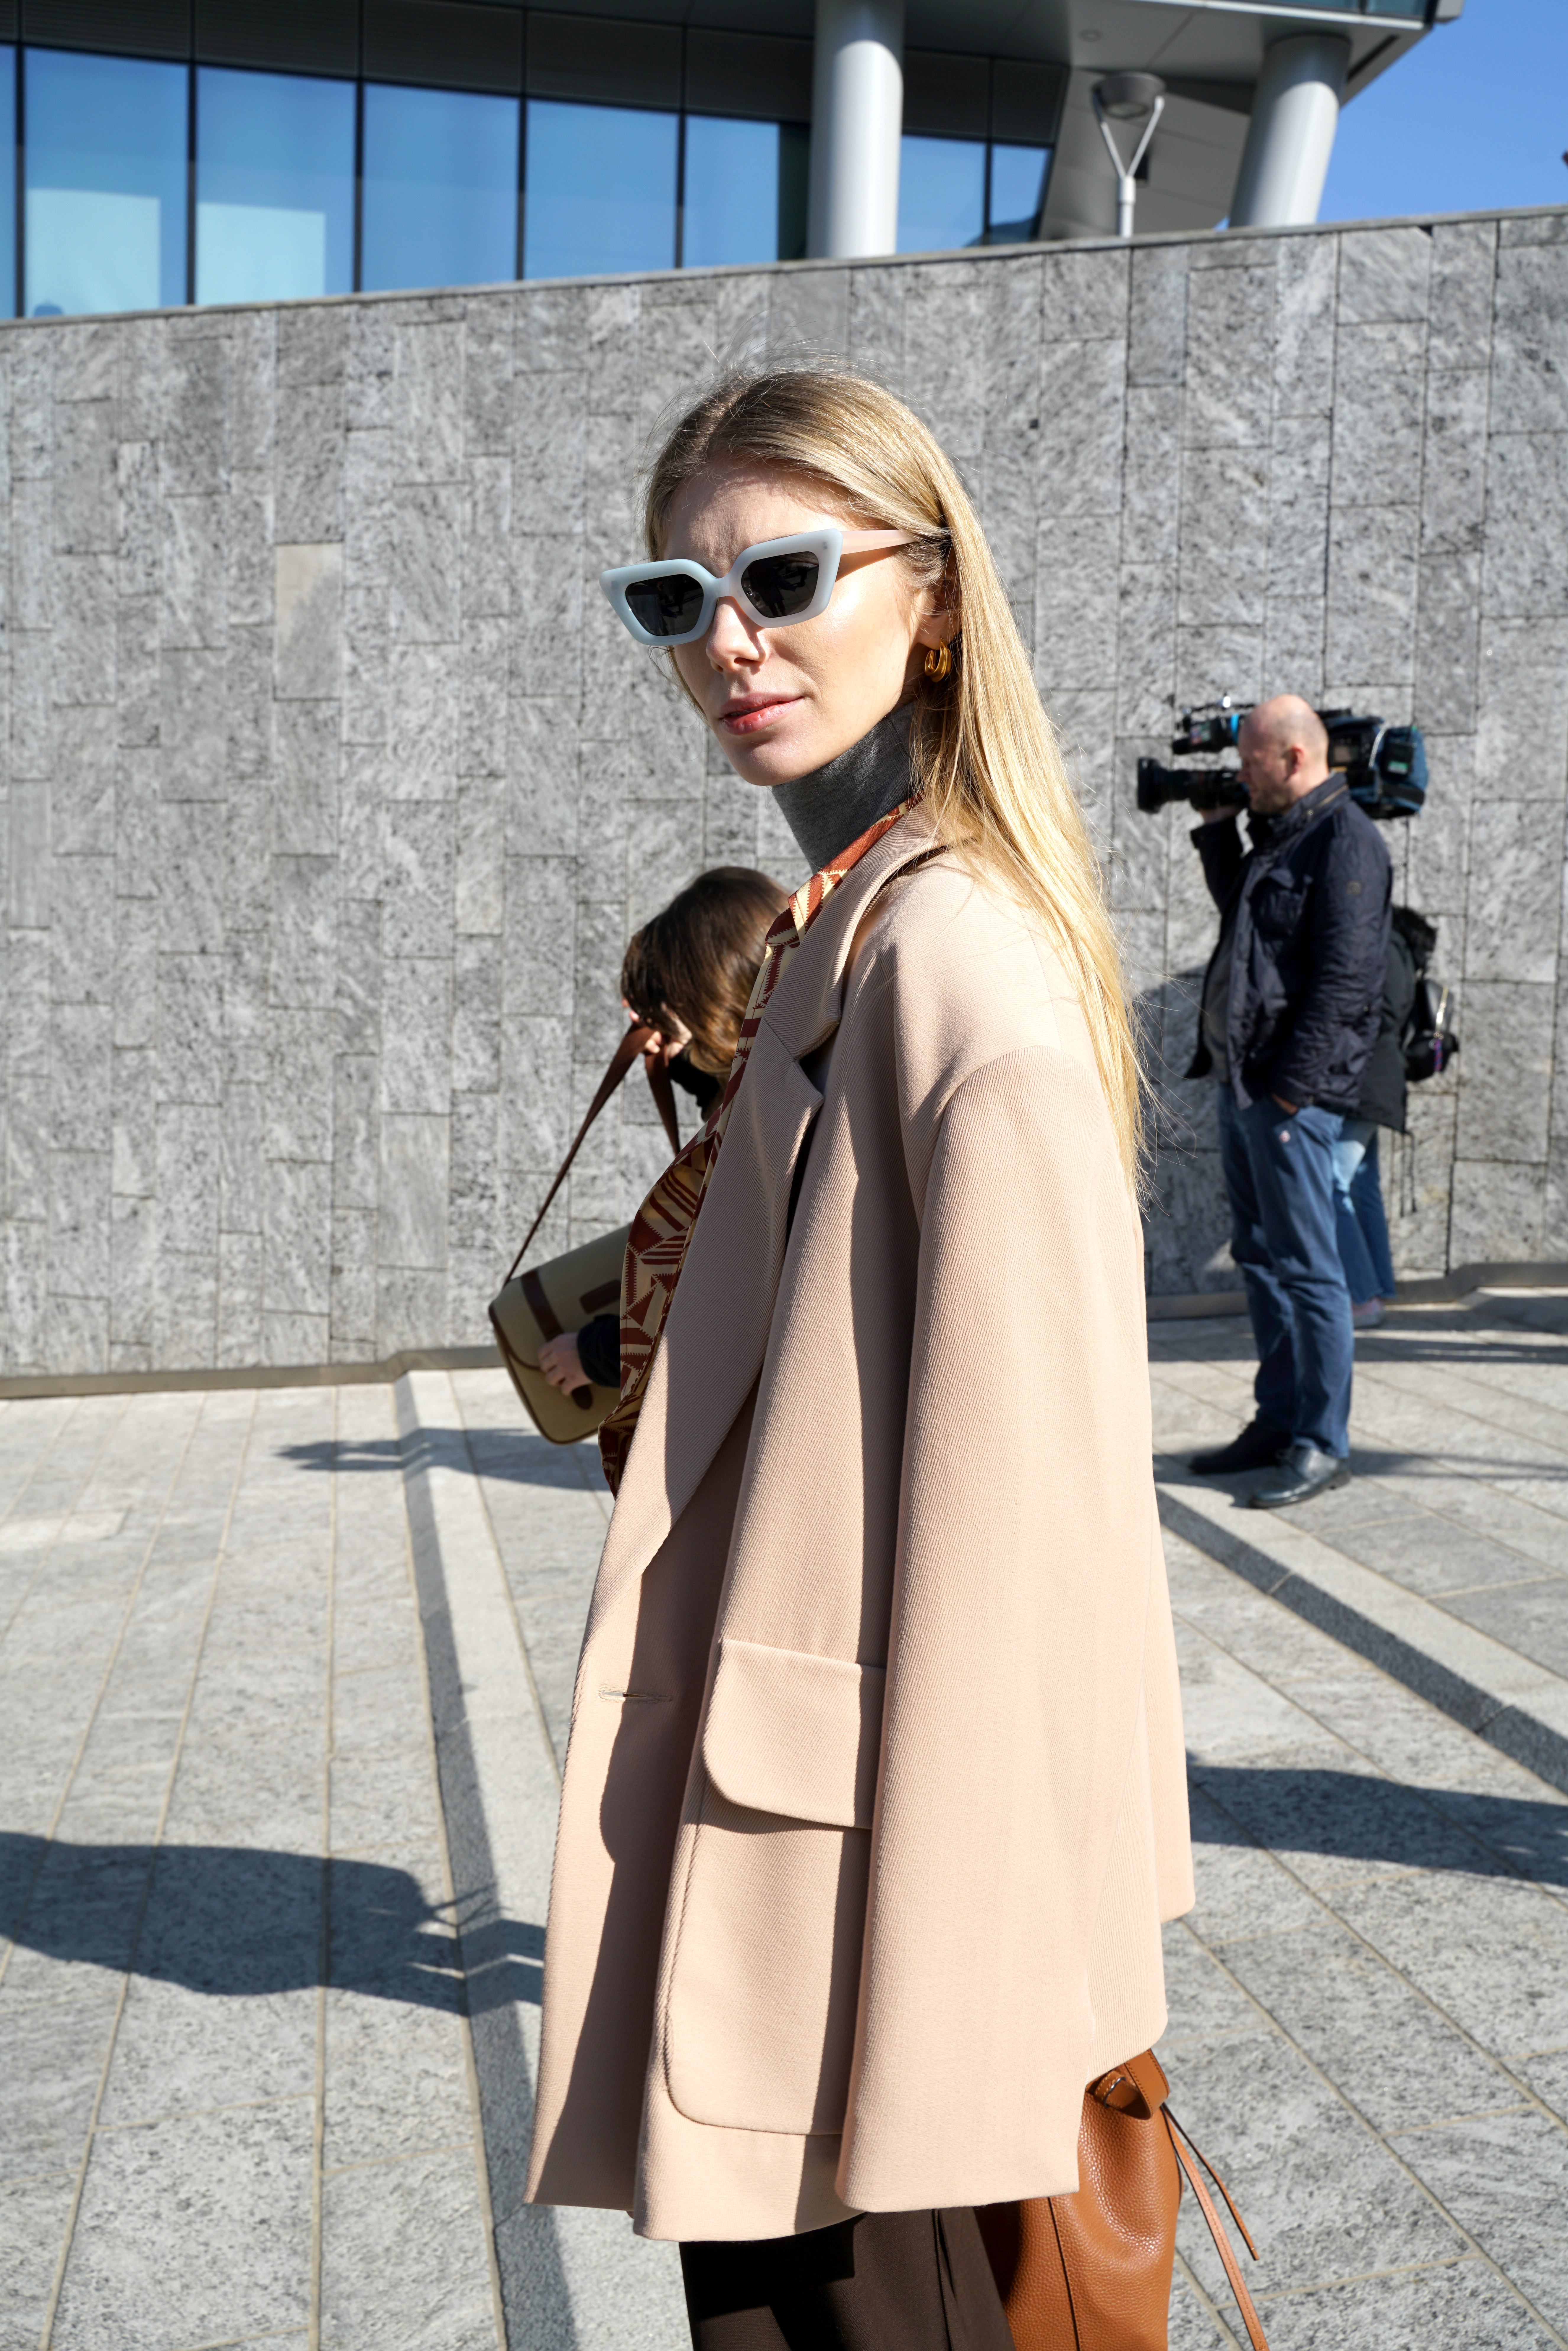 Milan Fashion Week A/W2019 Street Style